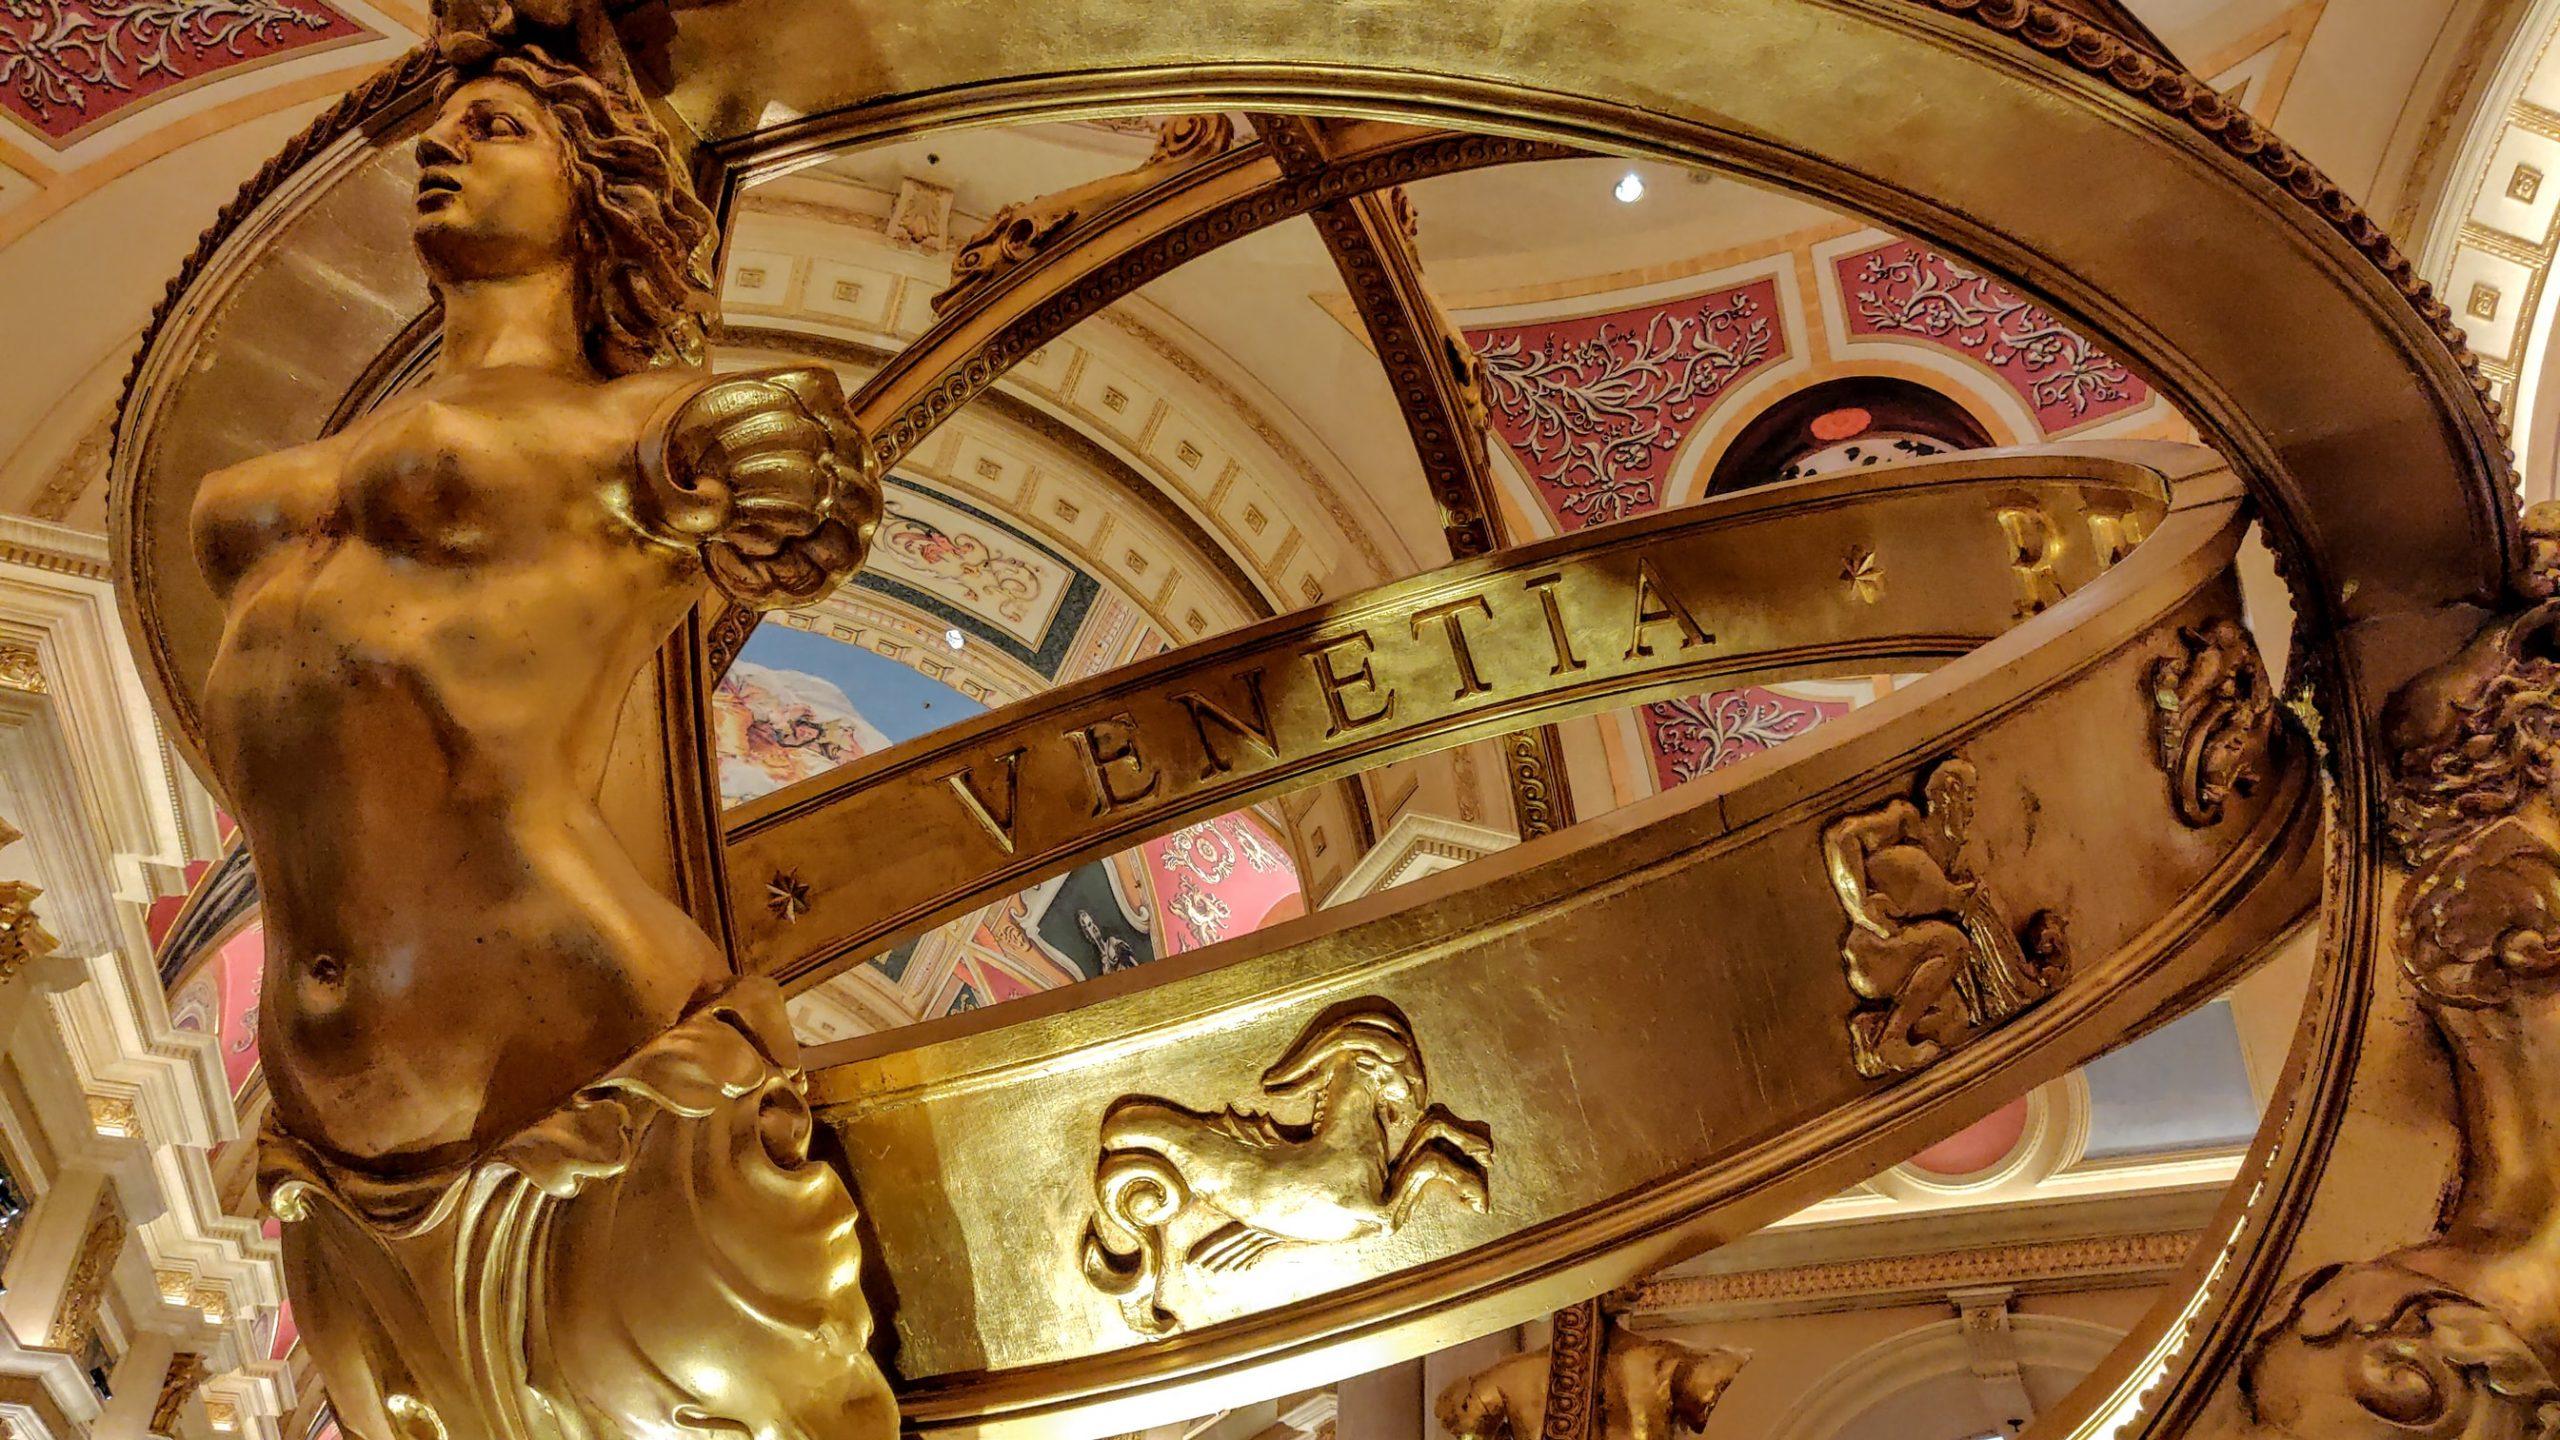 Glücksspiel Reiseziel Macao: Das Venetian Casino bringt Las Vegas nach Asien